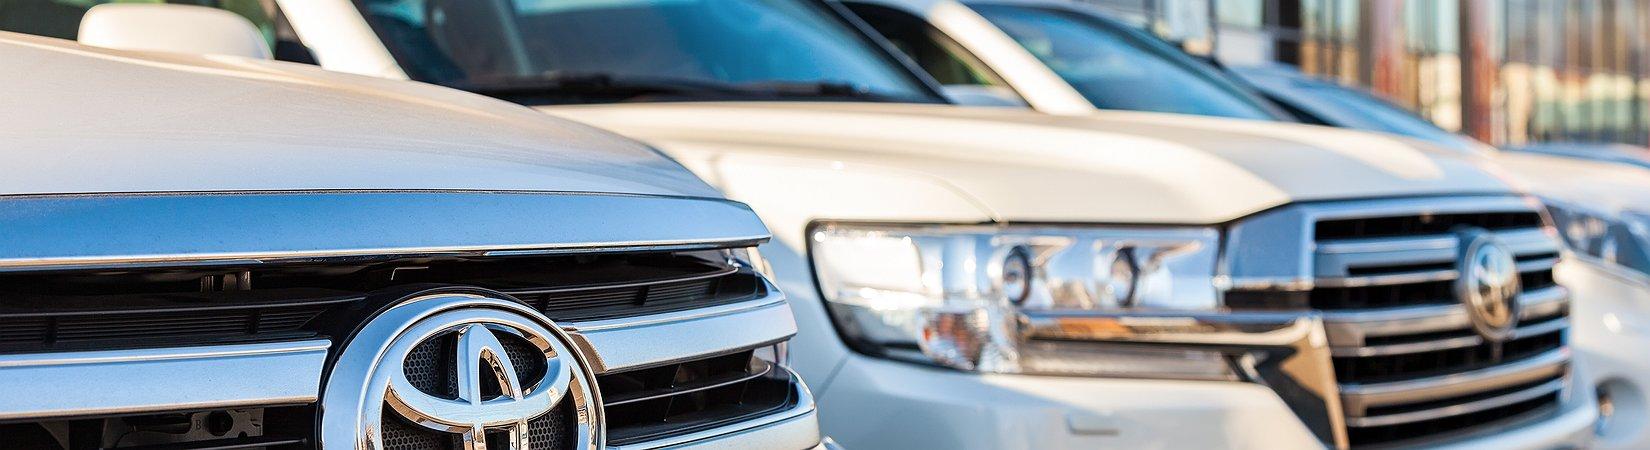 Toyota anunciou necessidade de corrigir defeitos em mais de 1,6 milhões de carros nos EUA